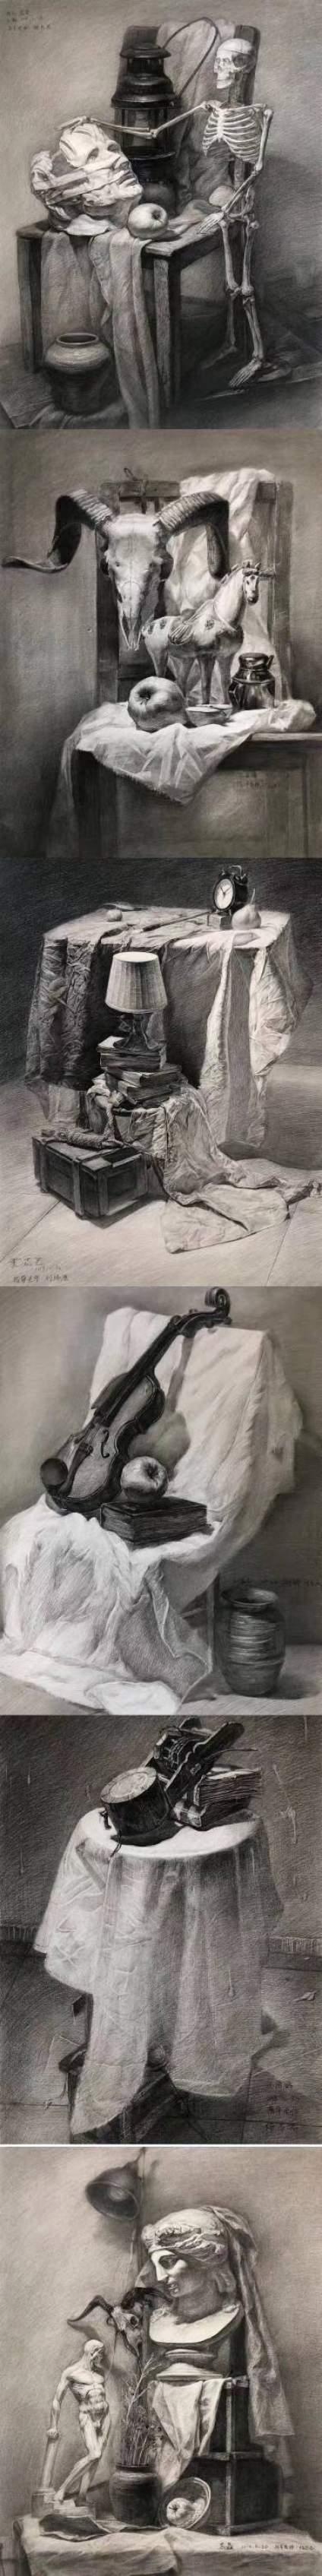 【滴~素描卡】济南小泽画室 学生入学一个月的作品 同学们的进步就是老师最大的欣慰